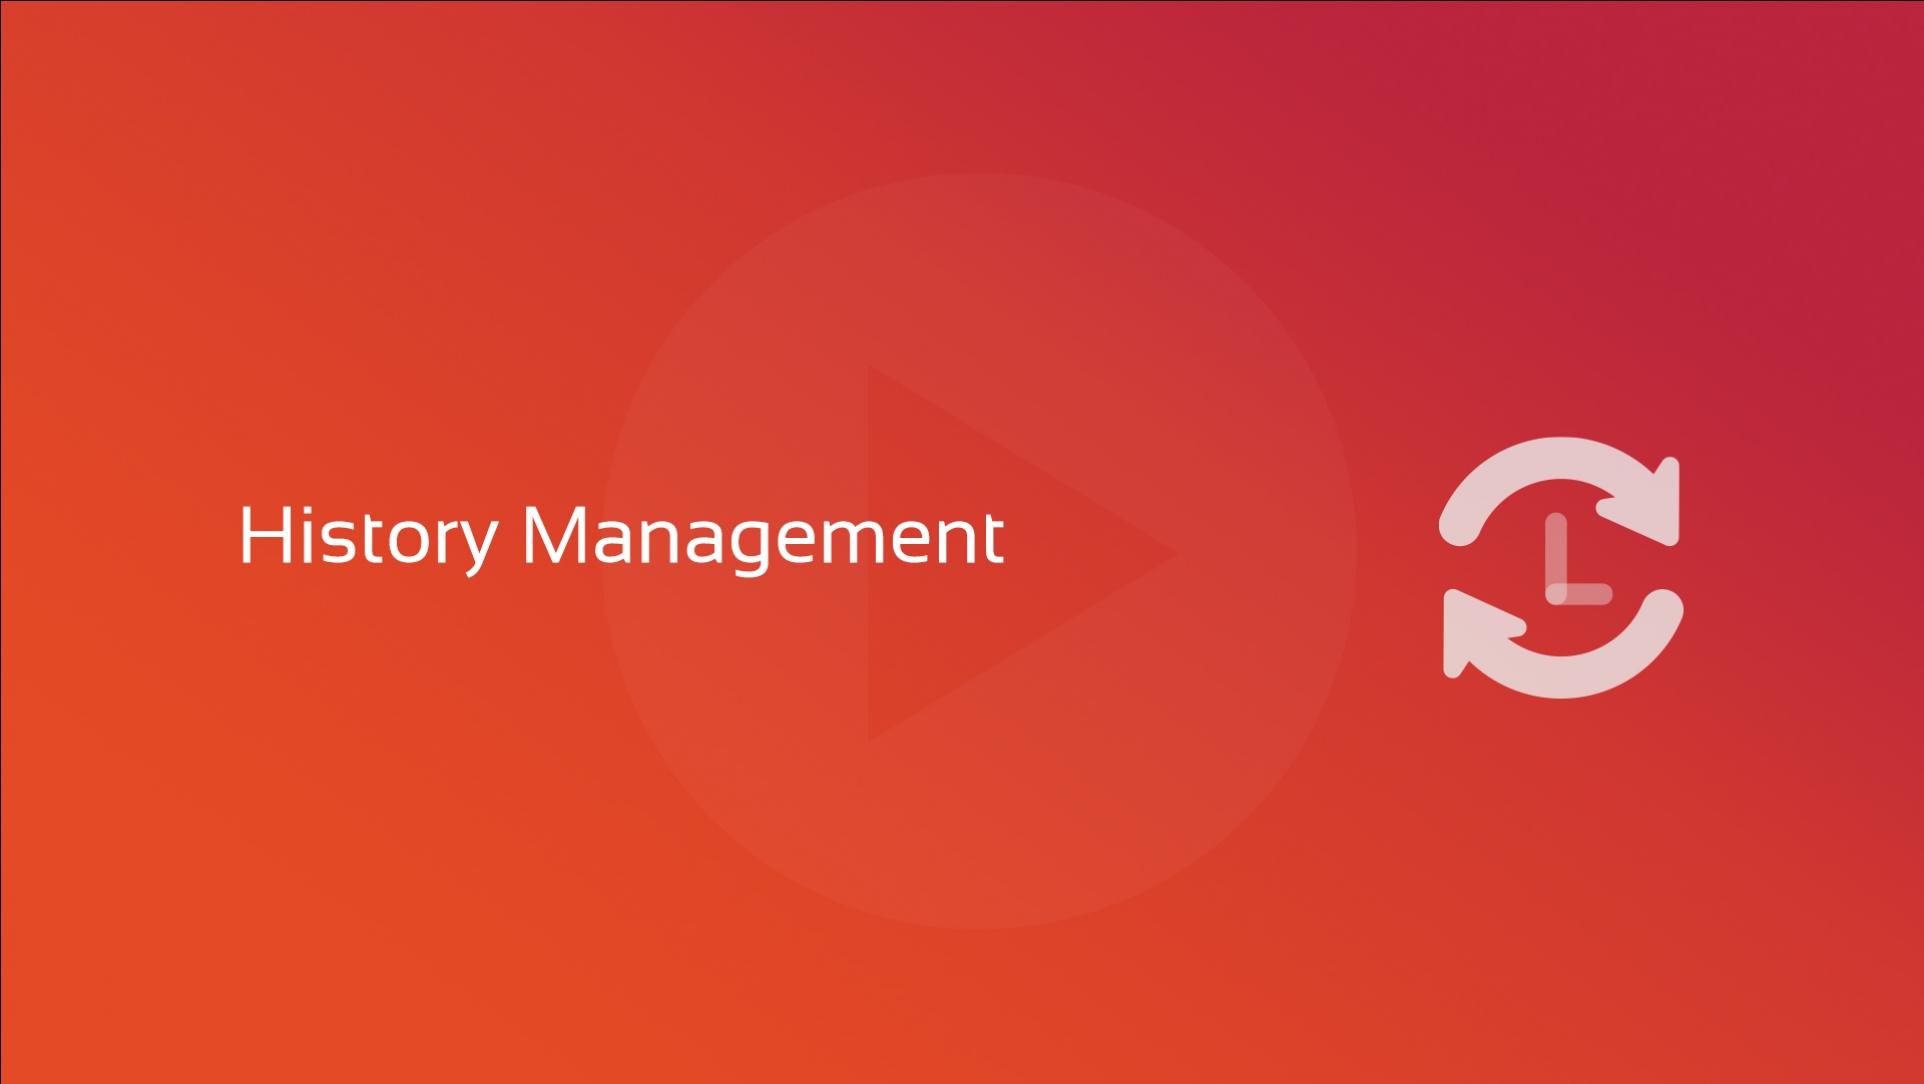 2020-08-28 History Management OG